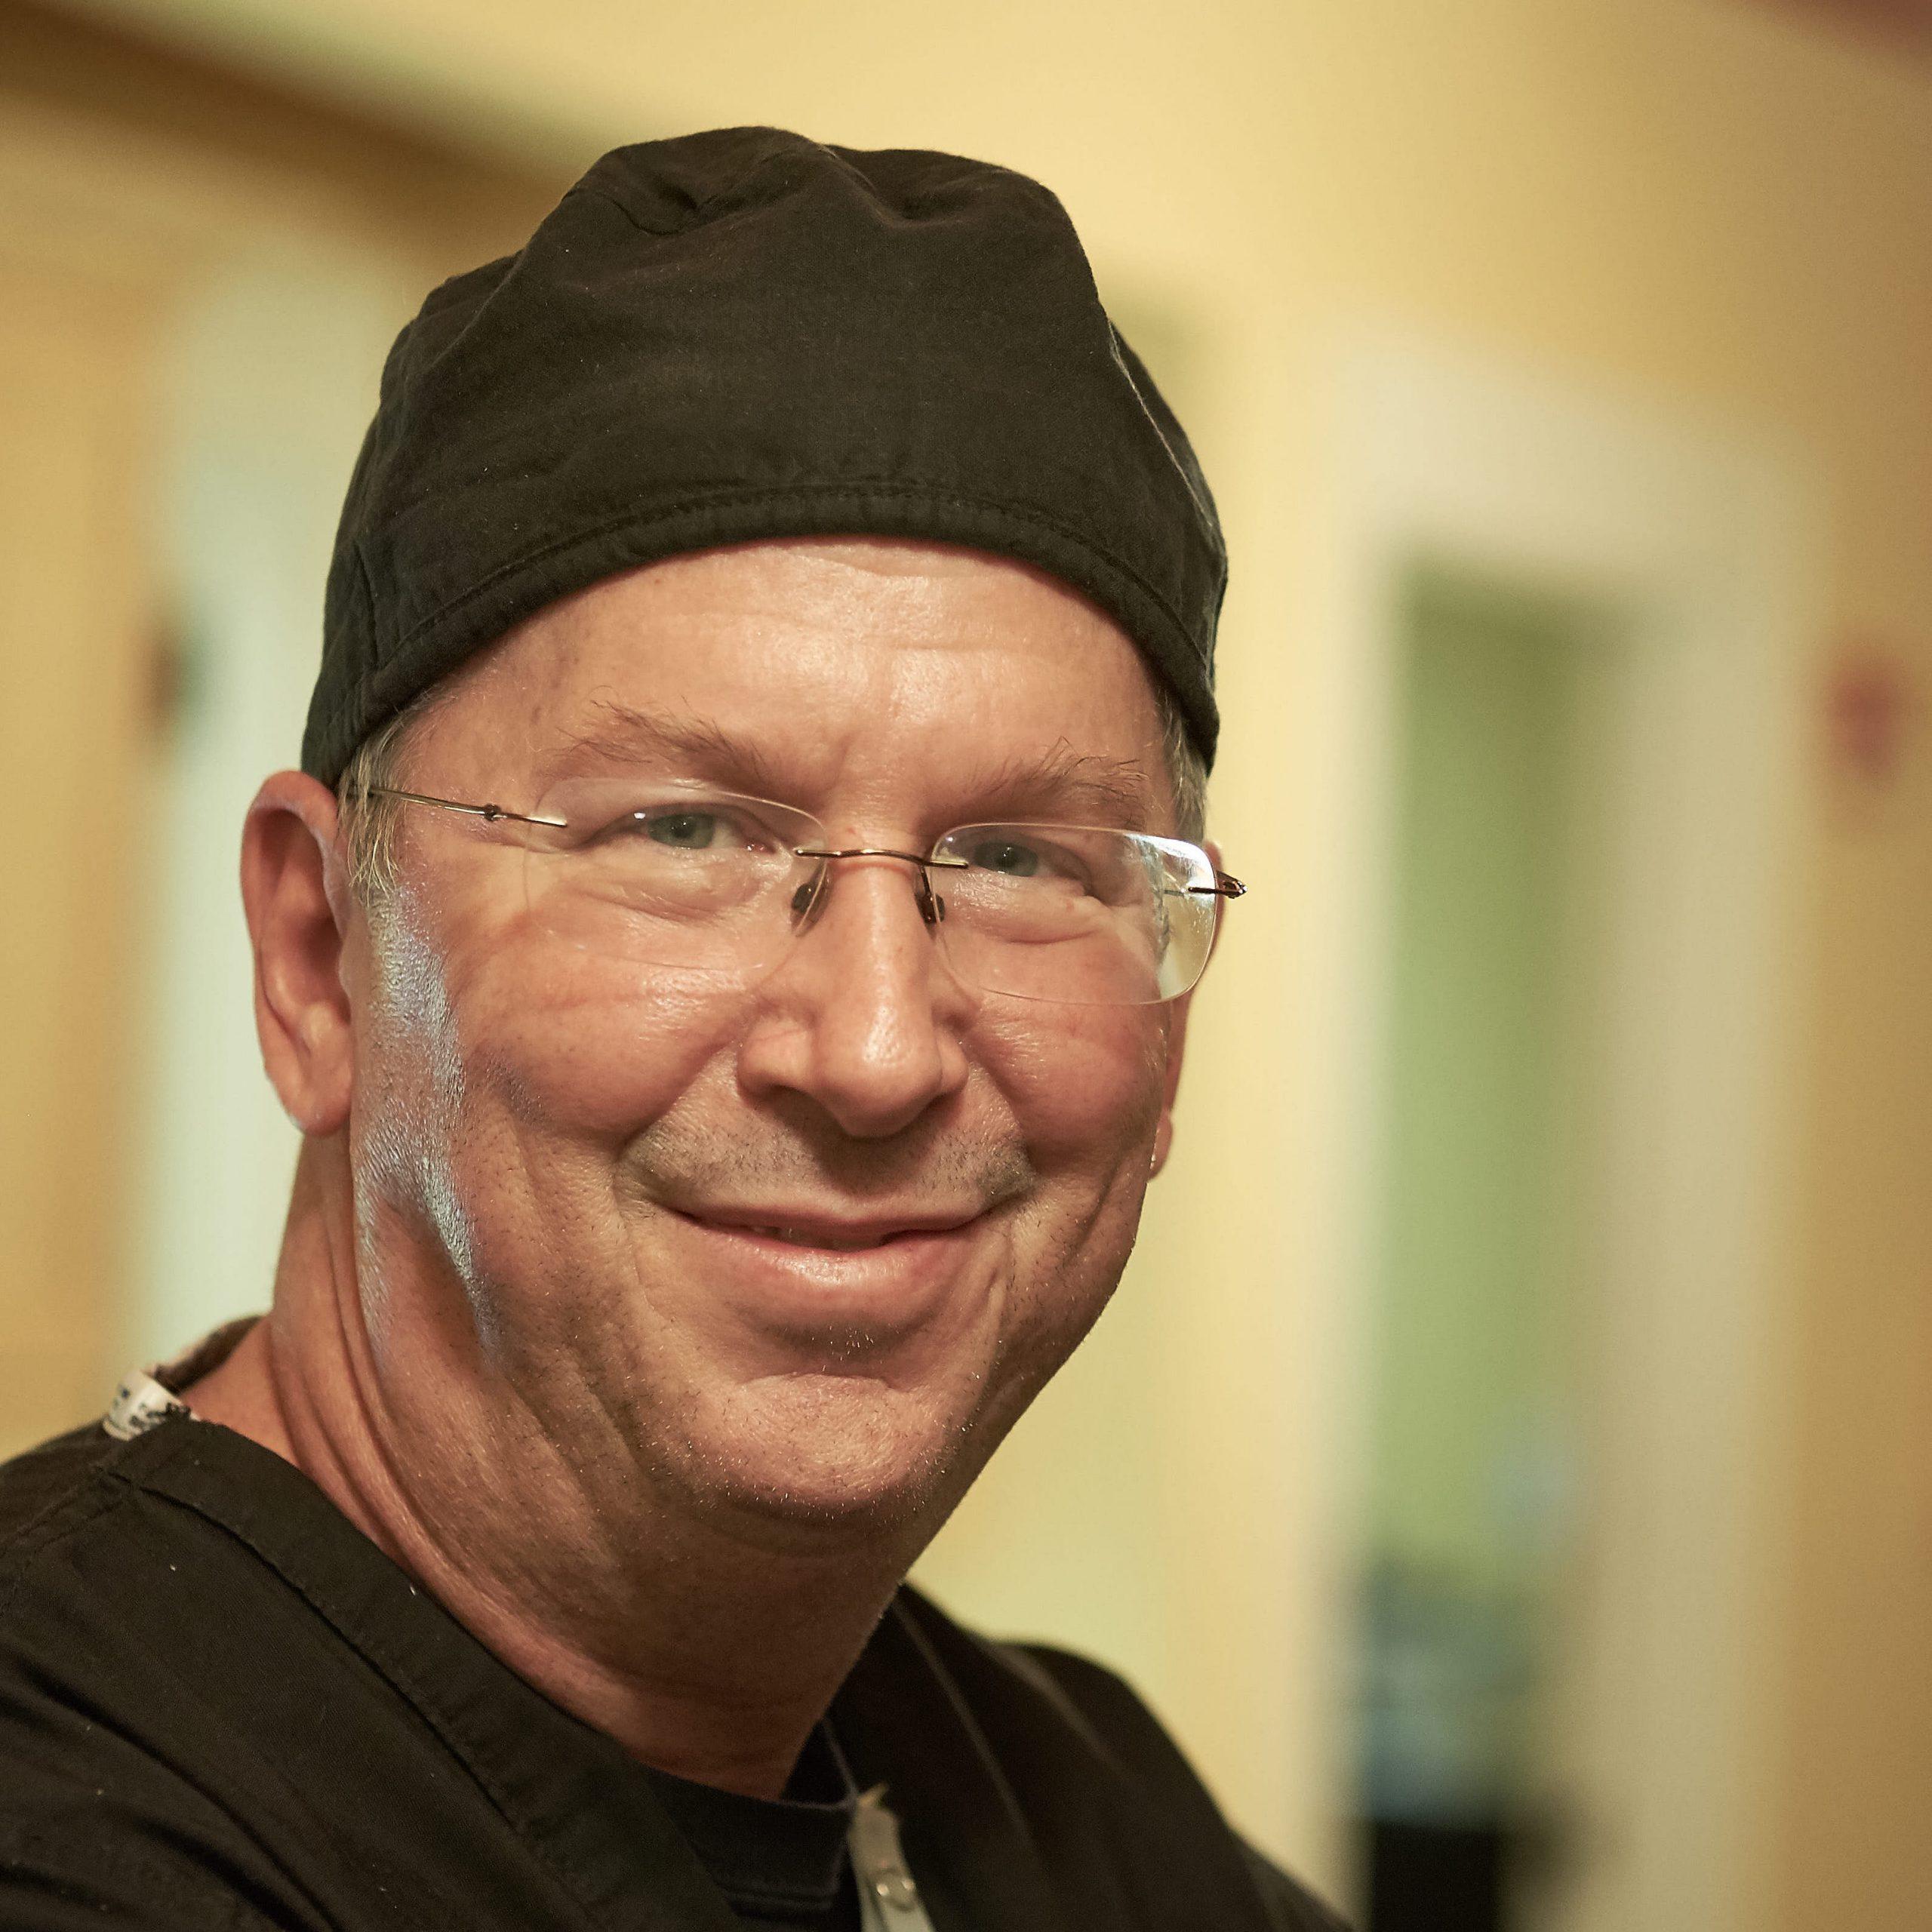 Dr. Edward Ditkoff